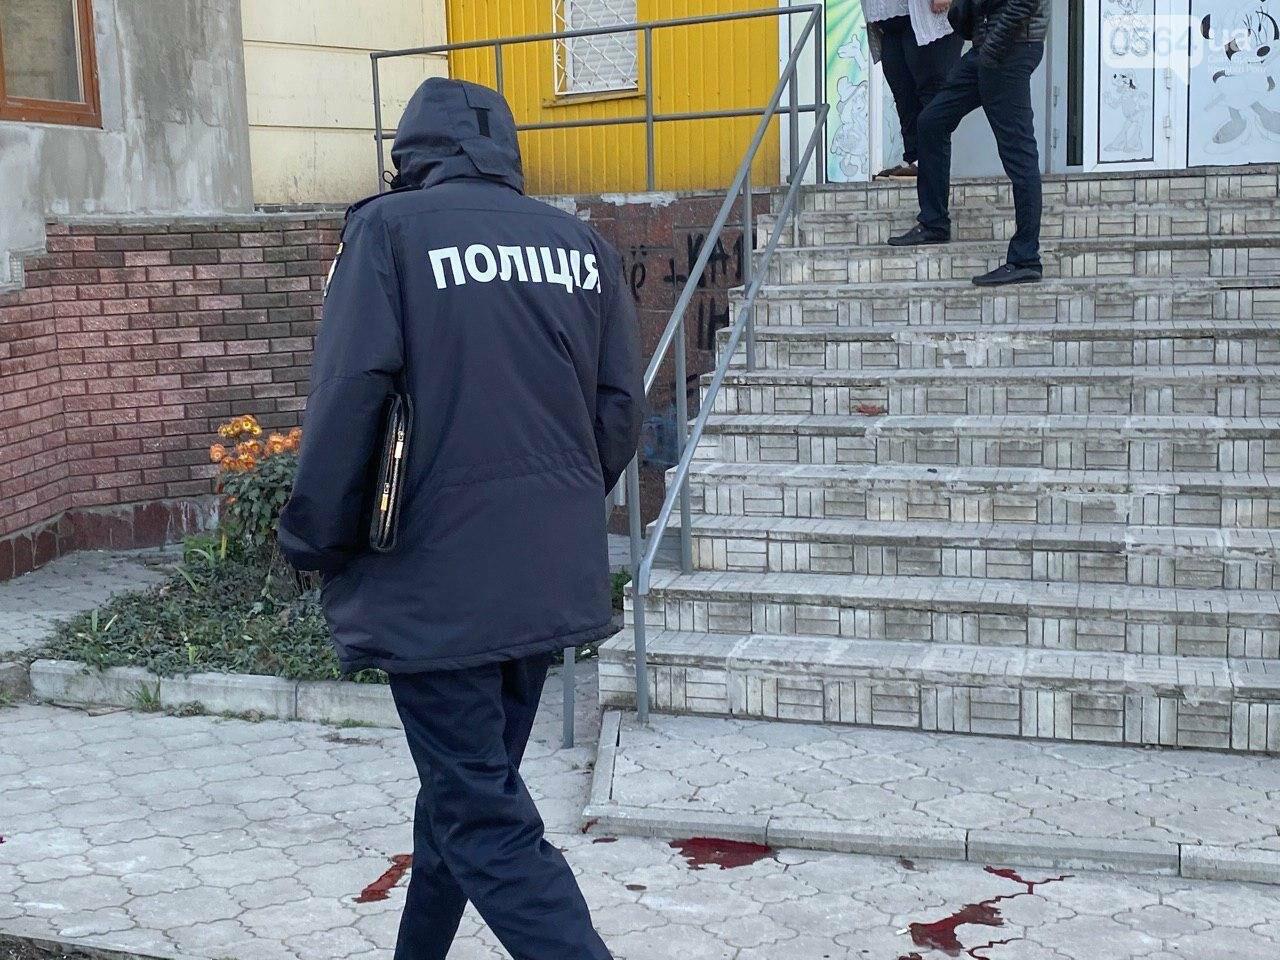 В Кривом Роге из окна 11 этажа выпал мужчина, - ФОТО 18+, фото-12